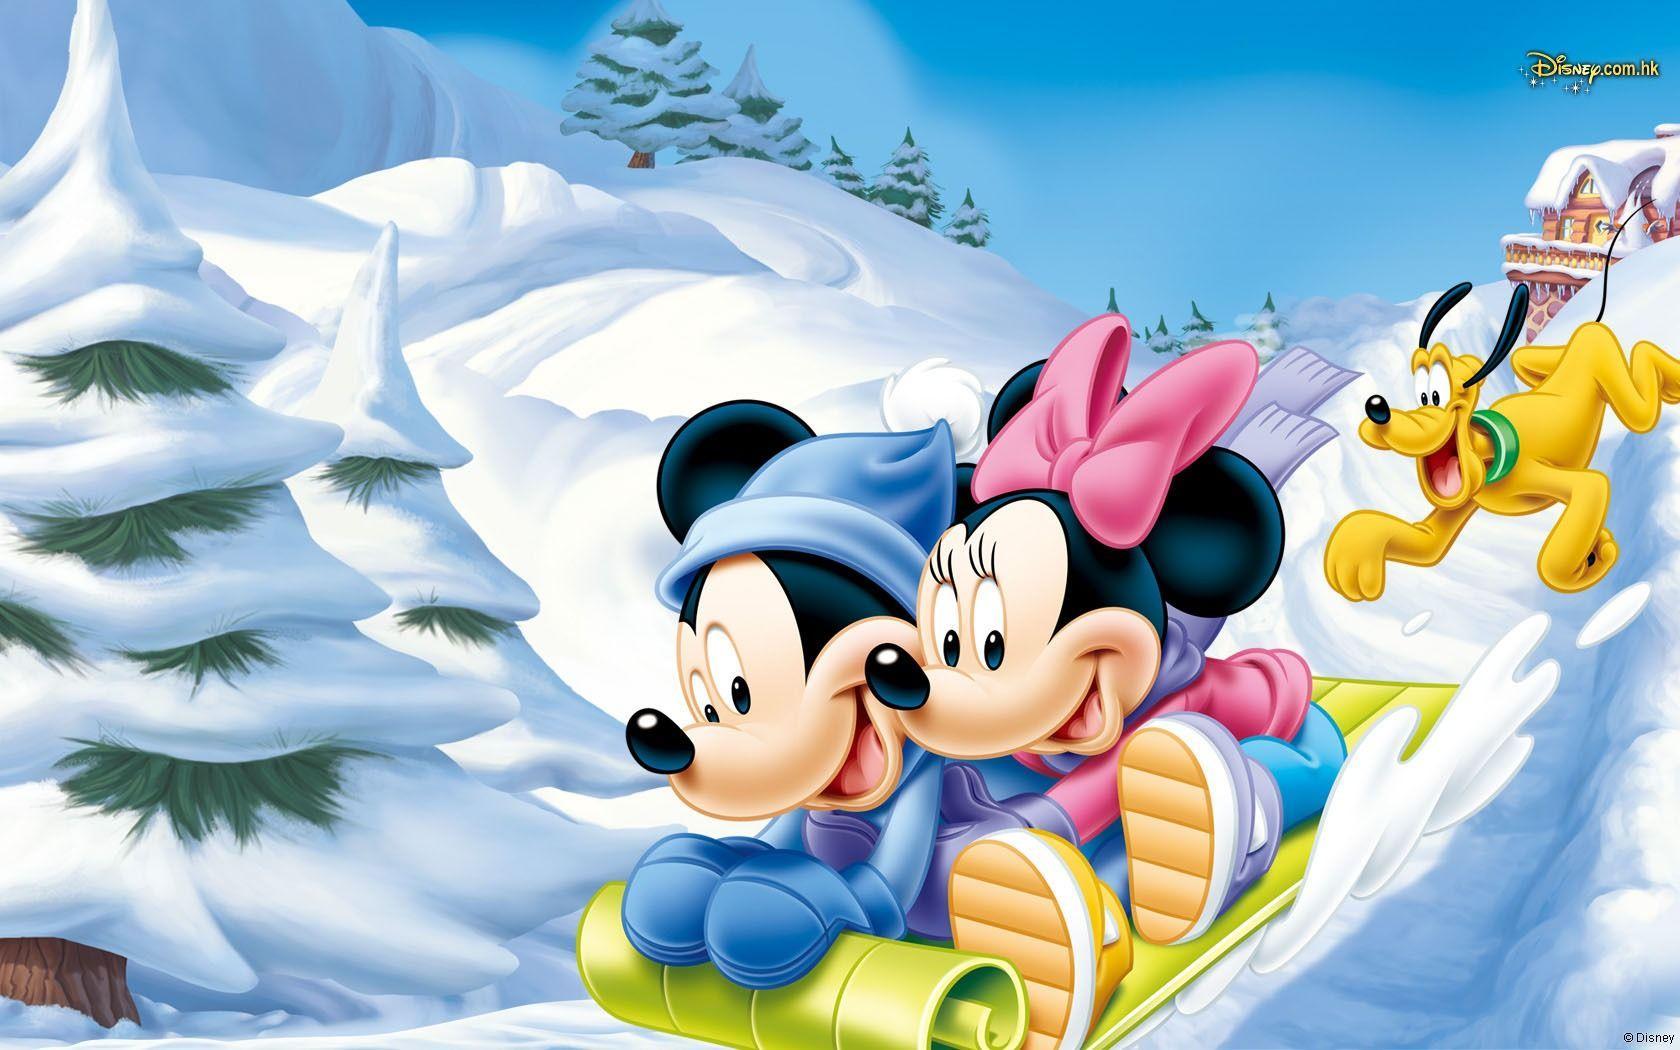 Disney Cartoon Desktop Wallpapers Top Free Disney Cartoon Desktop Backgrounds Wallpaperaccess